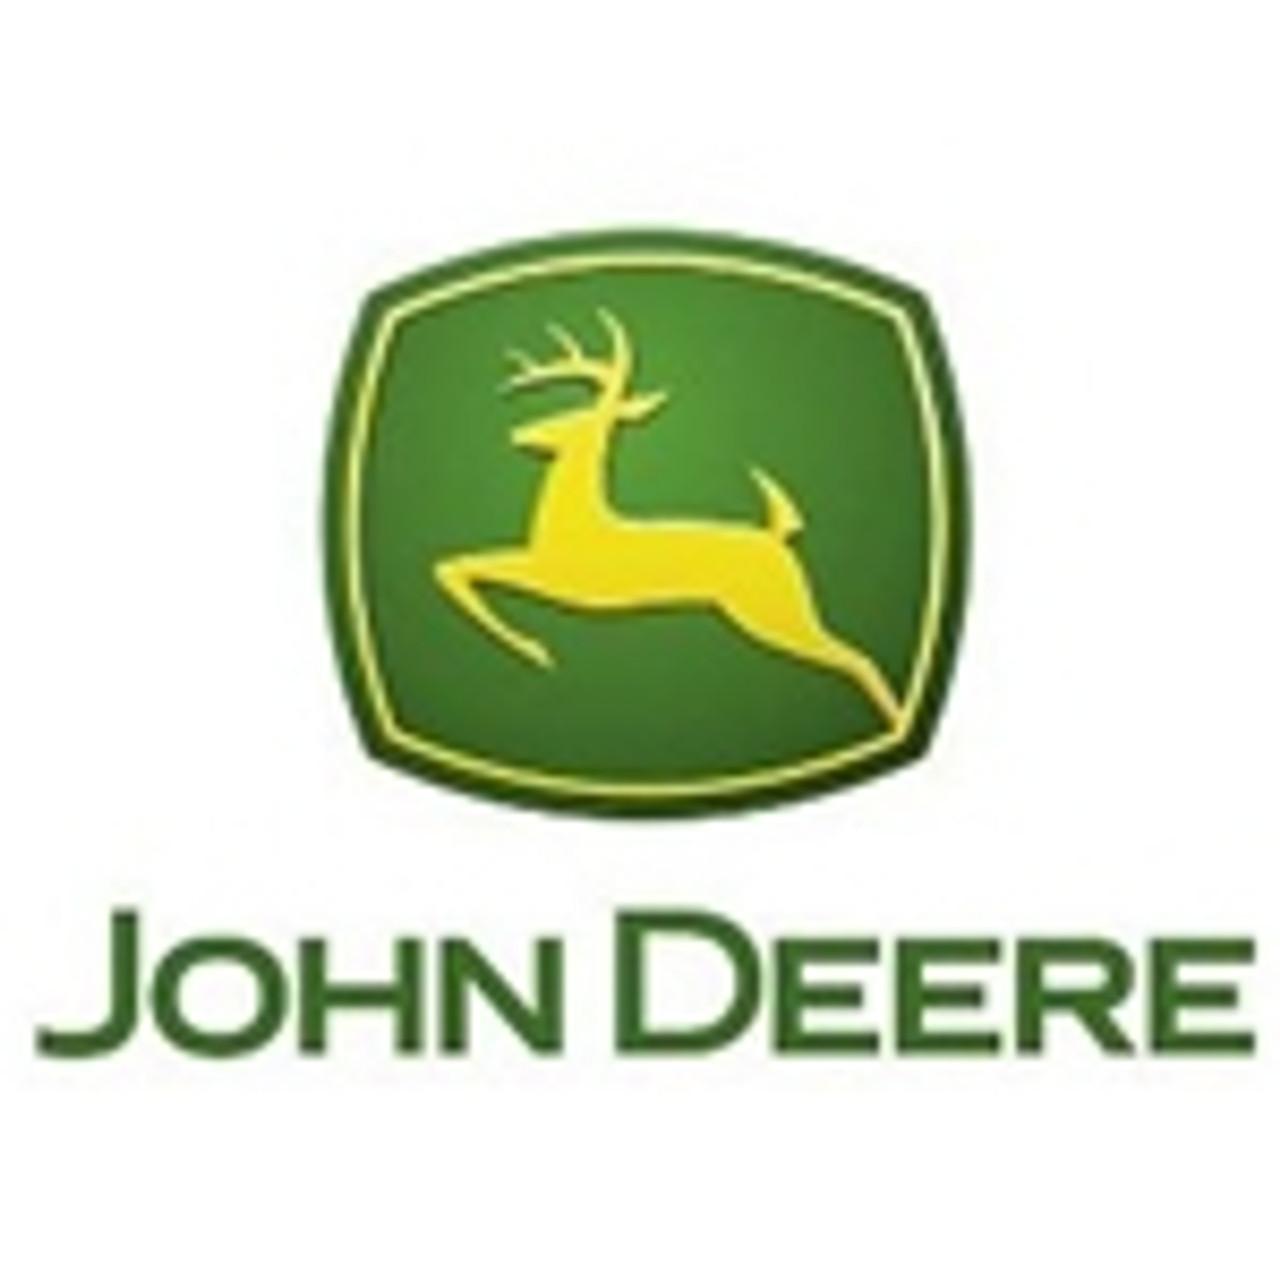 John Deere Marine